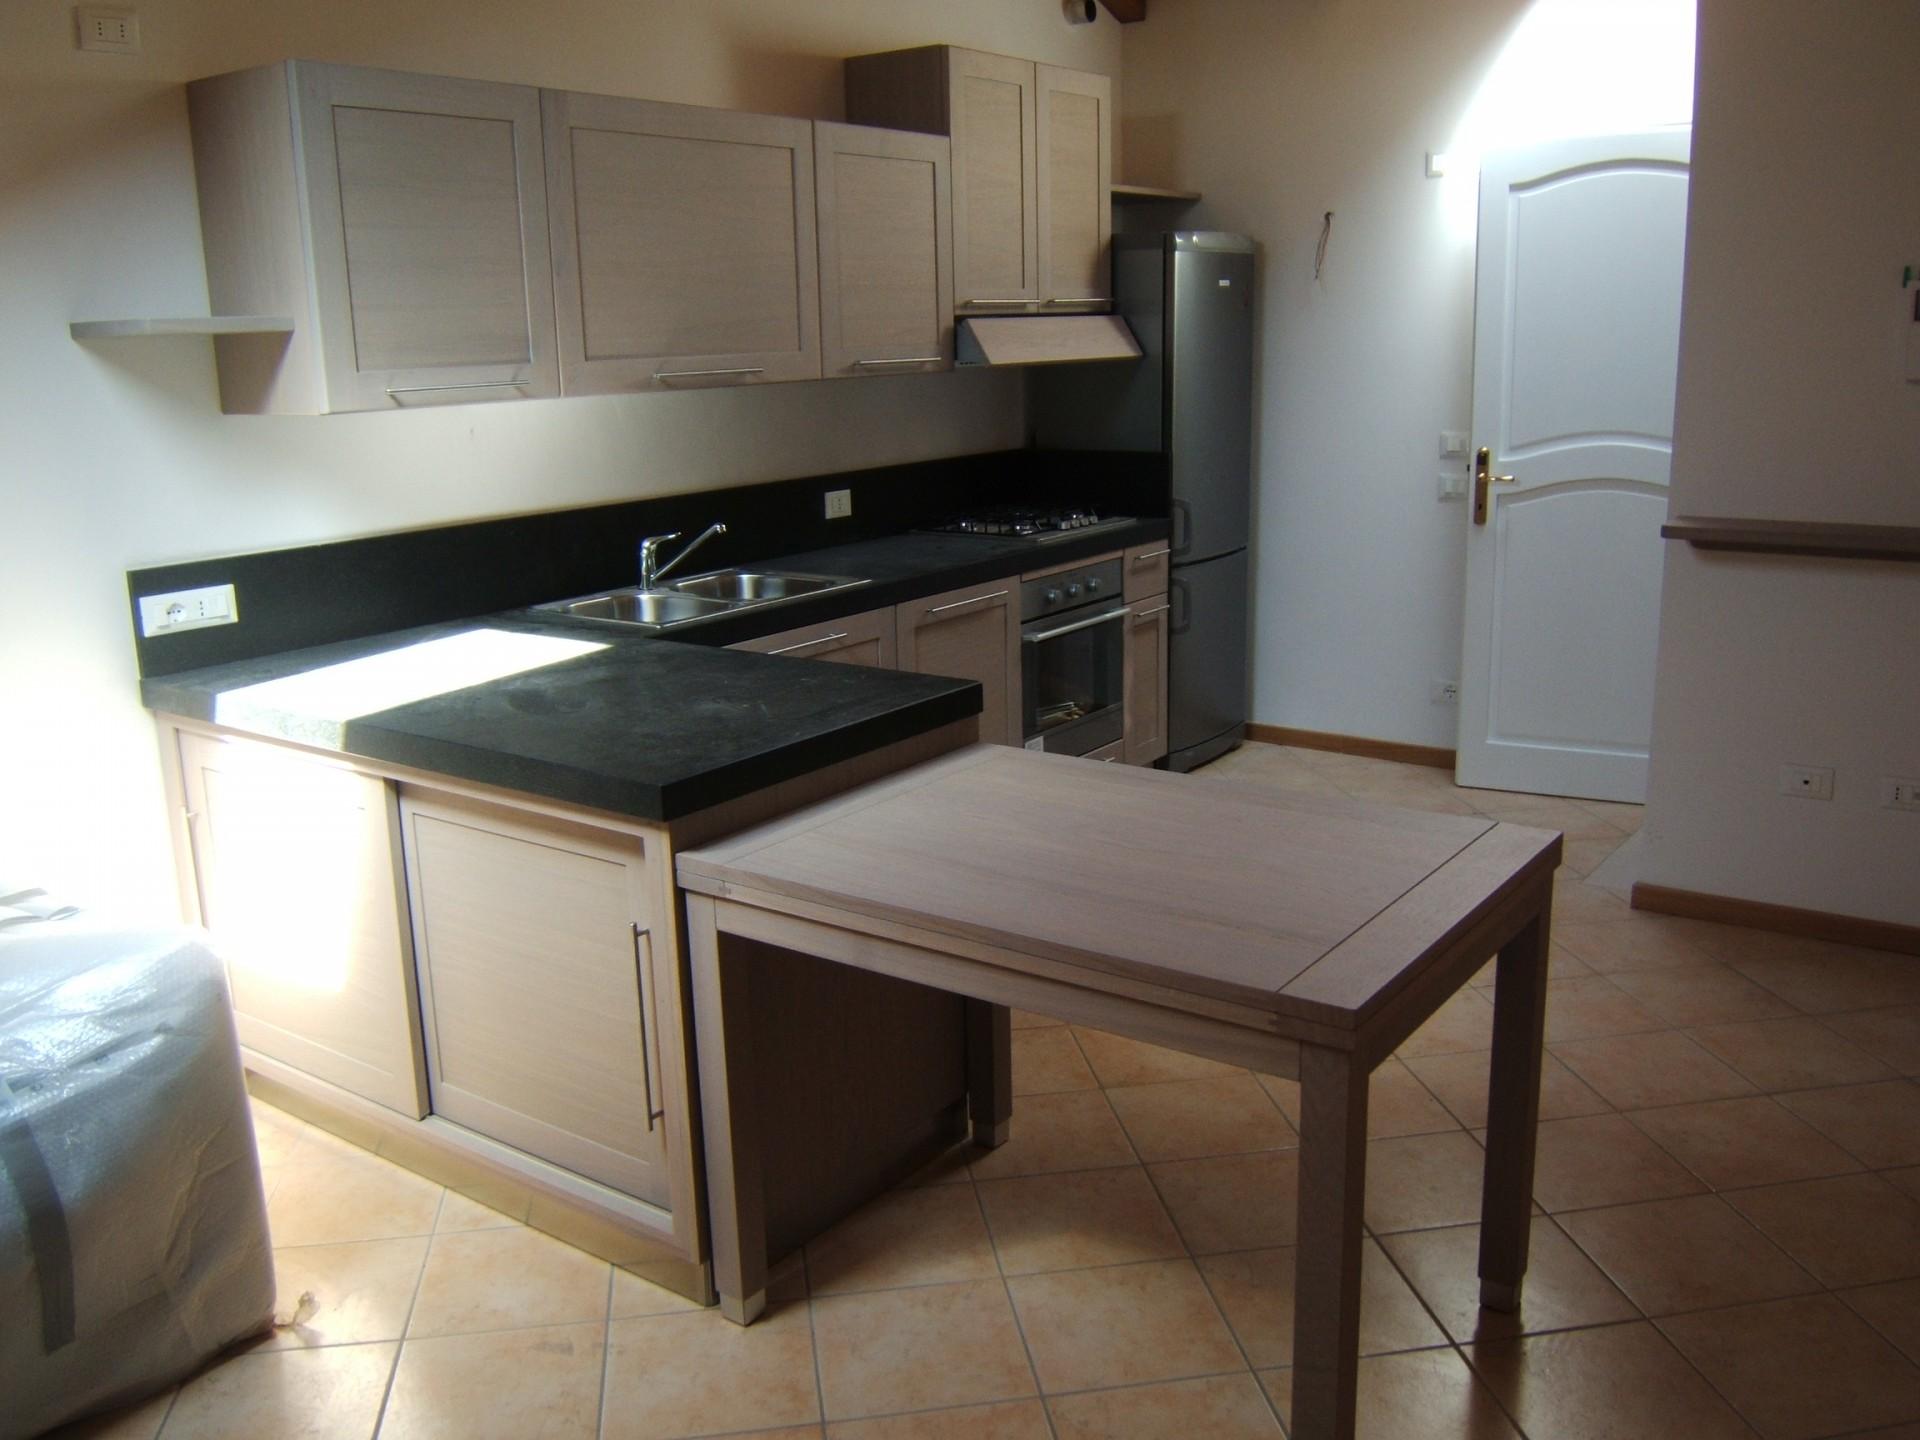 Cucina costruita in legno di rovere su misura fadini mobili cerea verona - Cucine legno grezzo ...